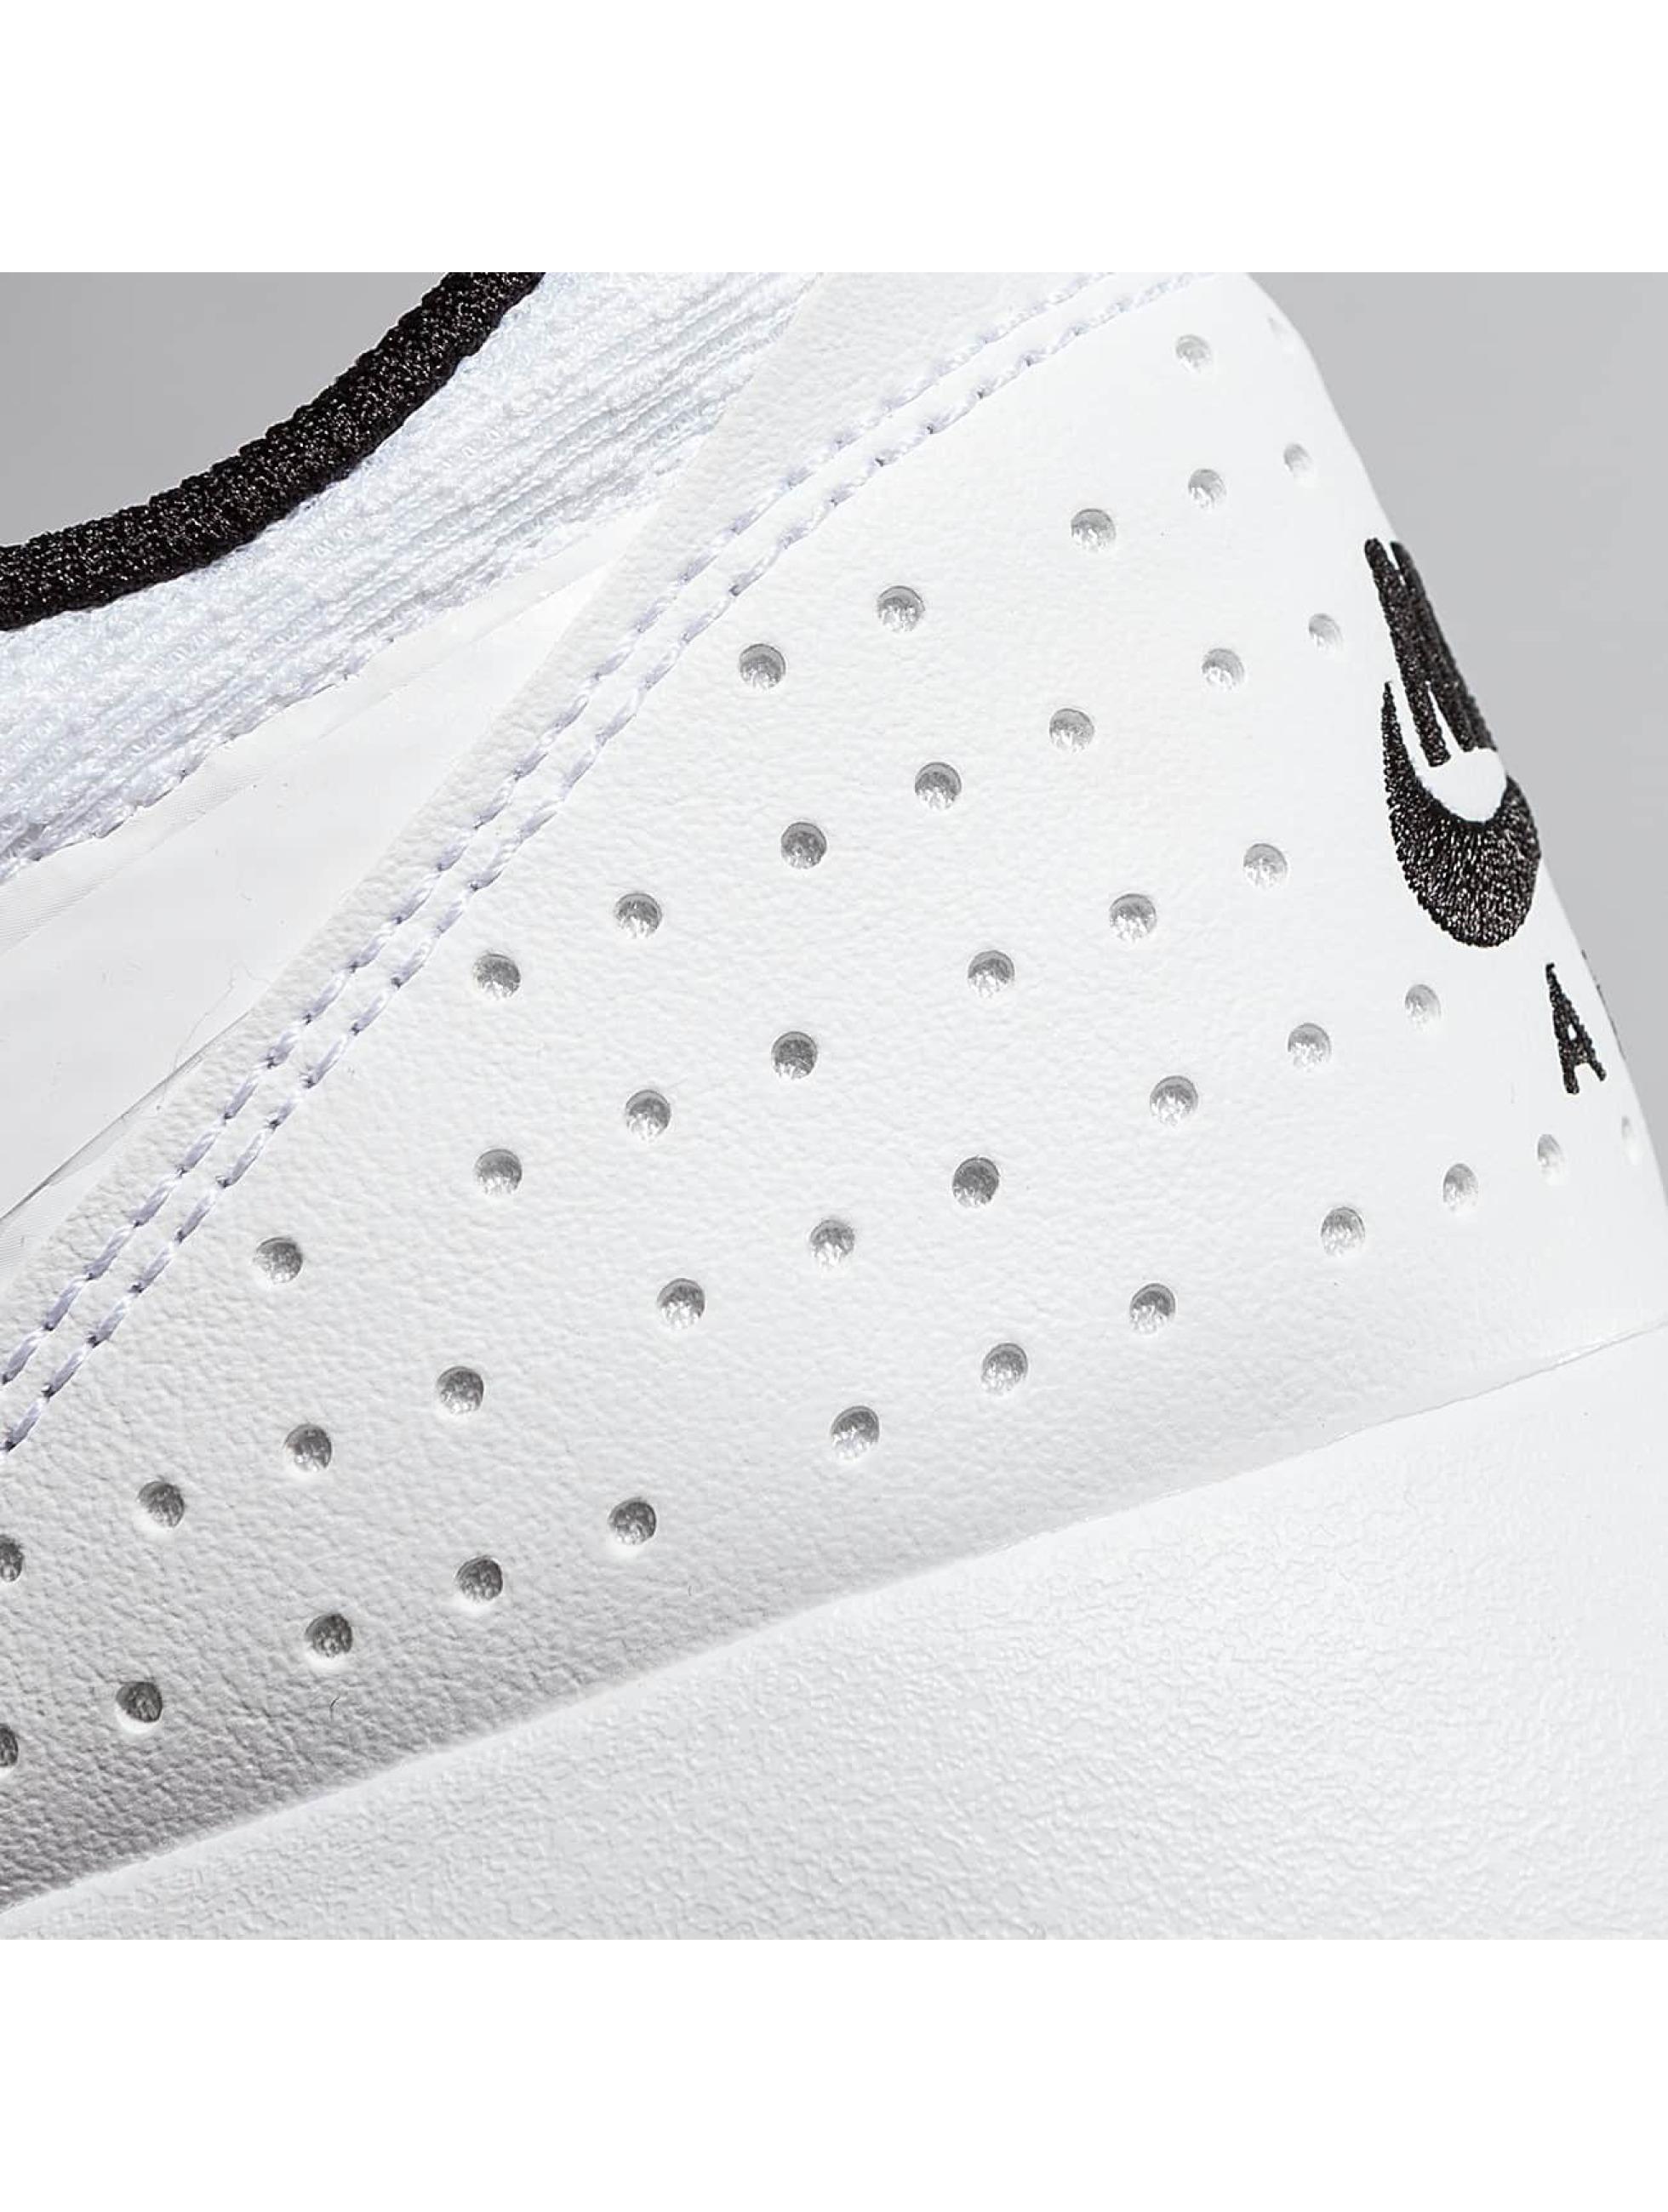 Nike Zapatillas de deporte Air Max Tavas blanco